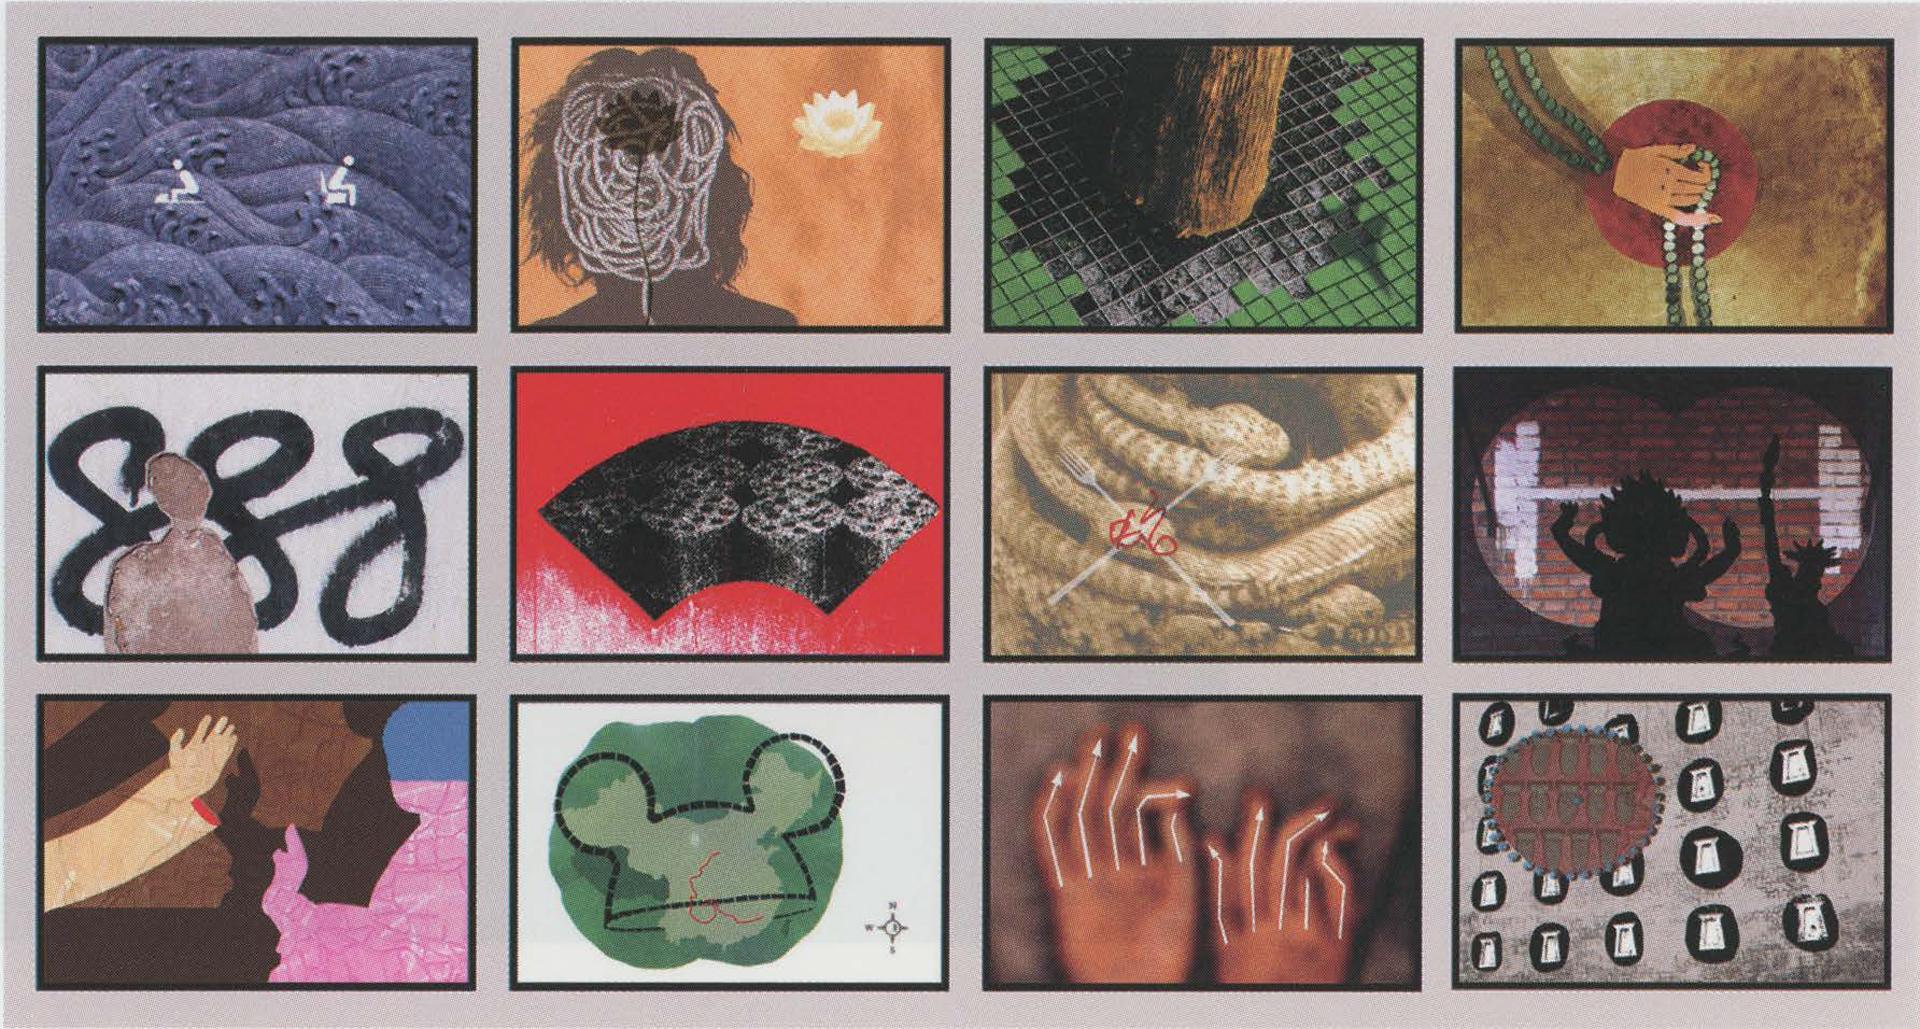 ©2007, Kent Manske, West Meets East: Artworks based on a journey to China